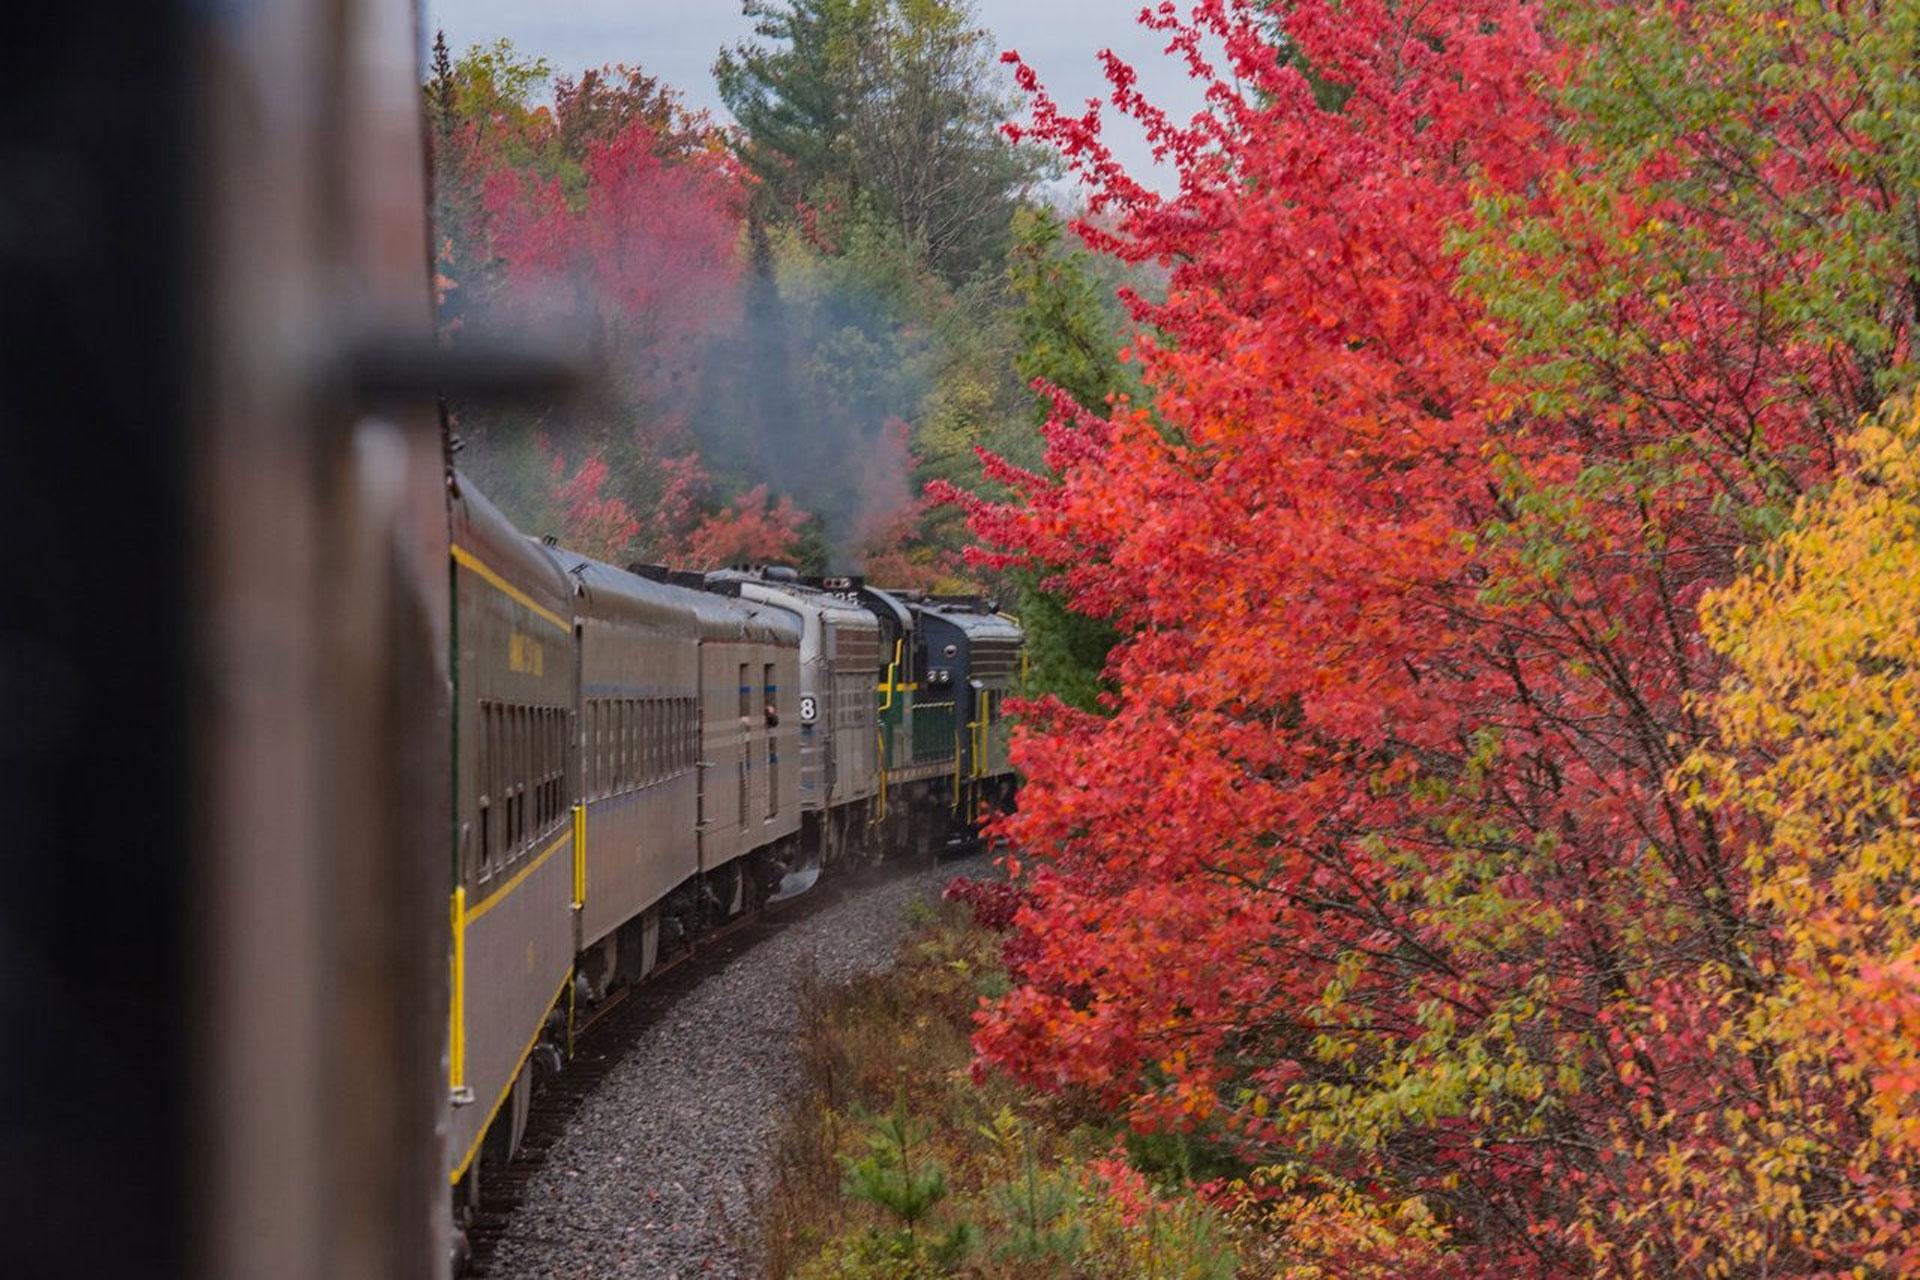 Adirondack Scenic Railroad in New York